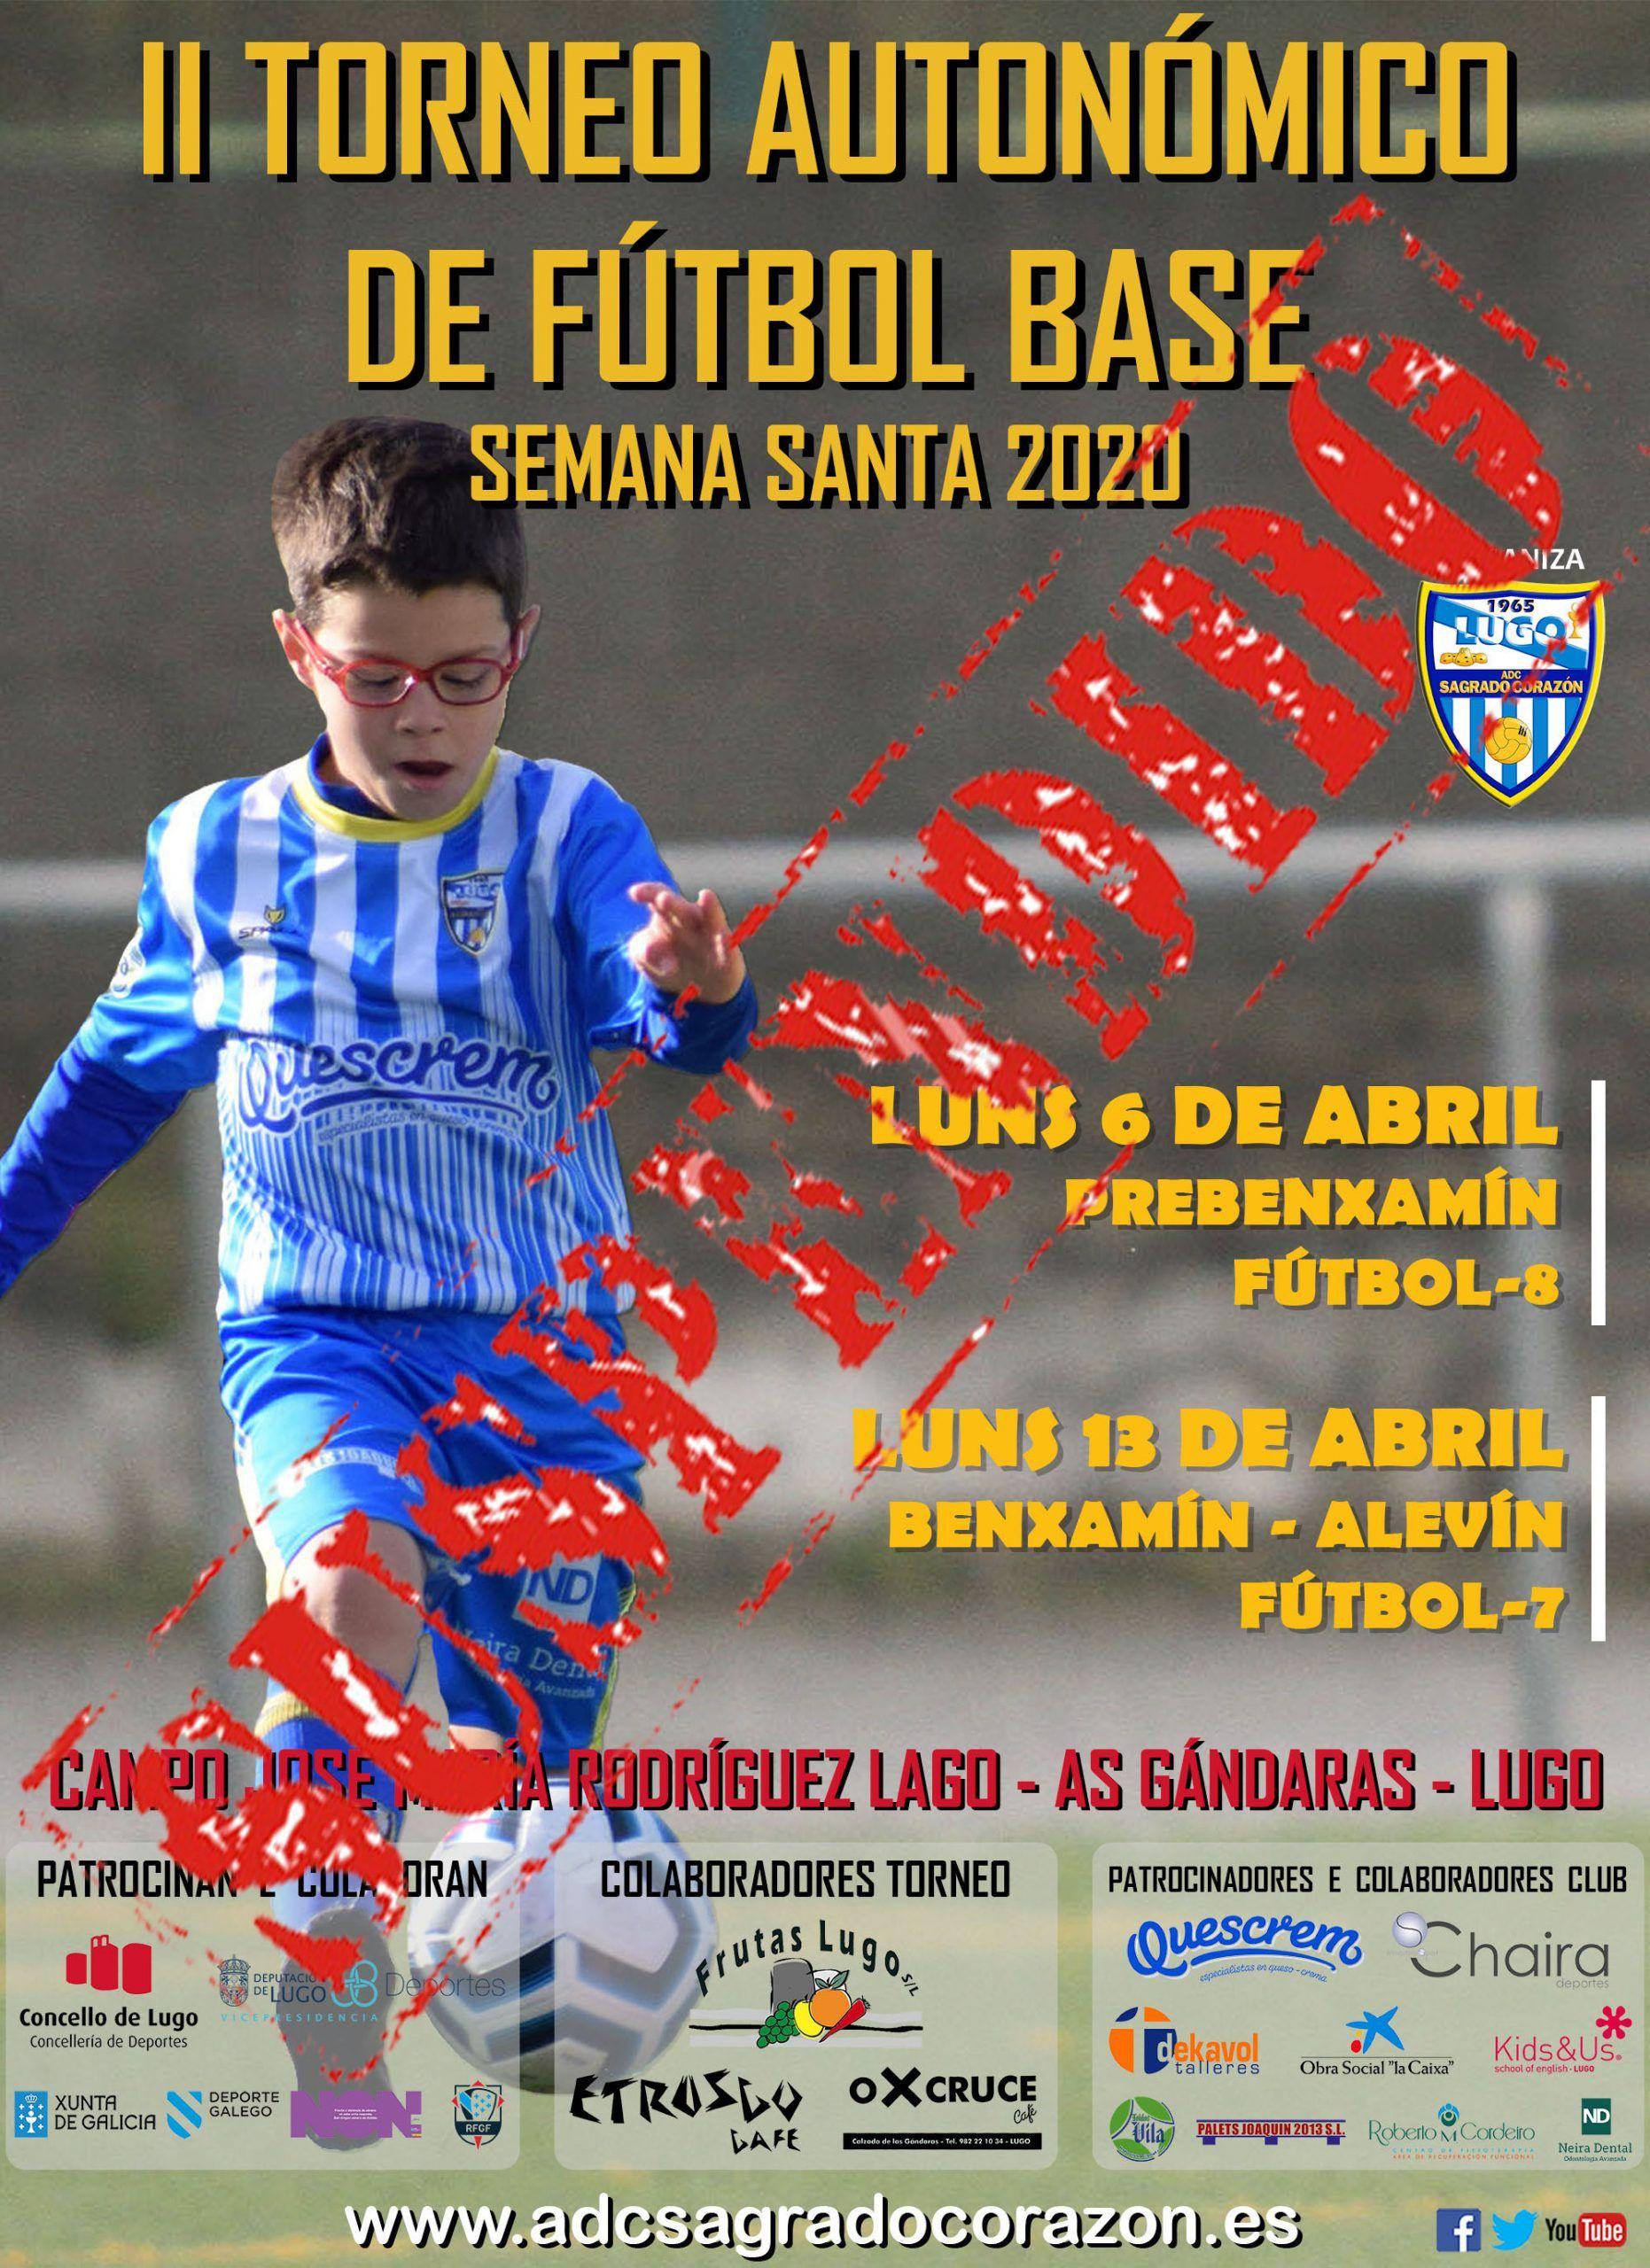 Suspendido el II Torneo Autonómico de fútbol base de Semana Santa